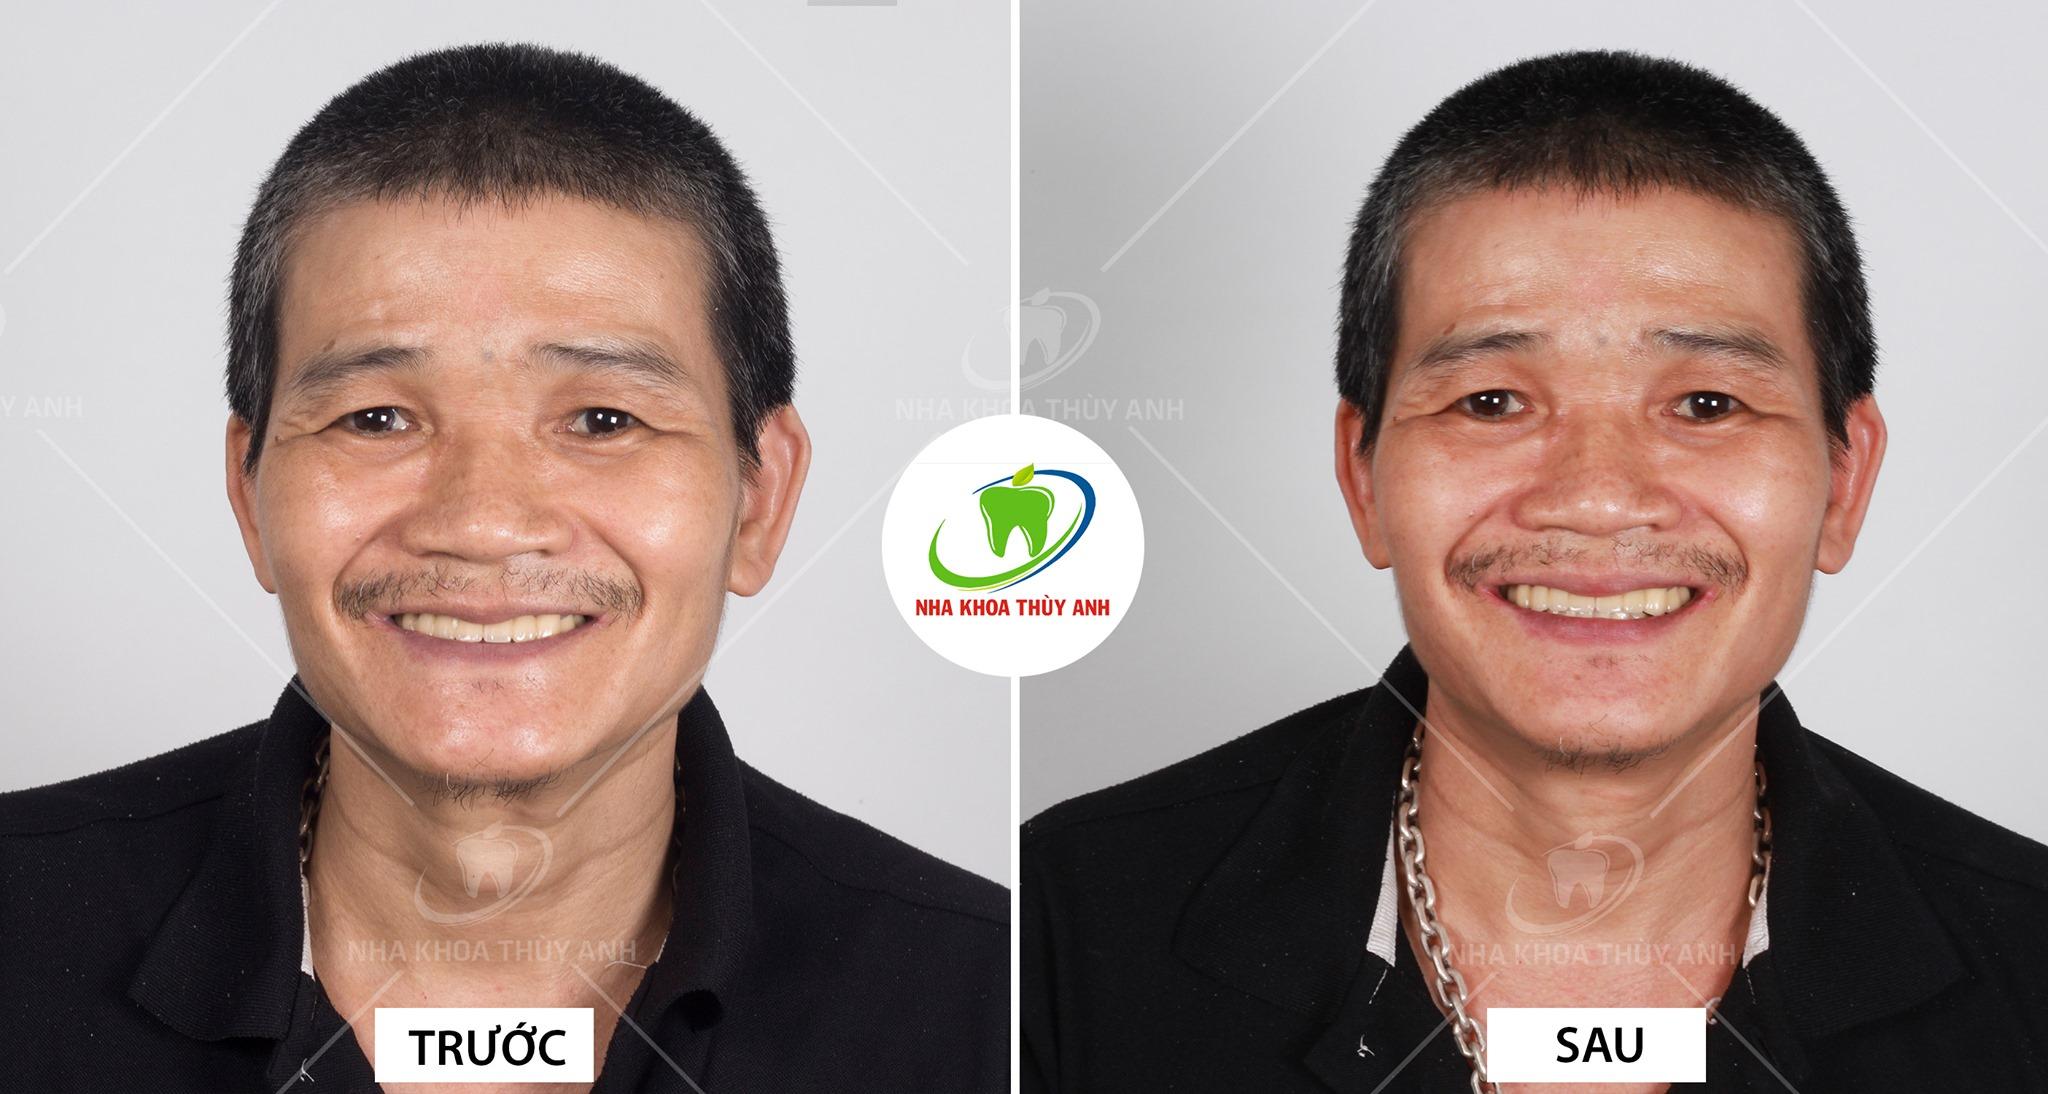 Phục hình Implant All On 4, chú Minh vui mừng tìm lại được cảm giác ăn nhai khi bị mất răng toàn hàm